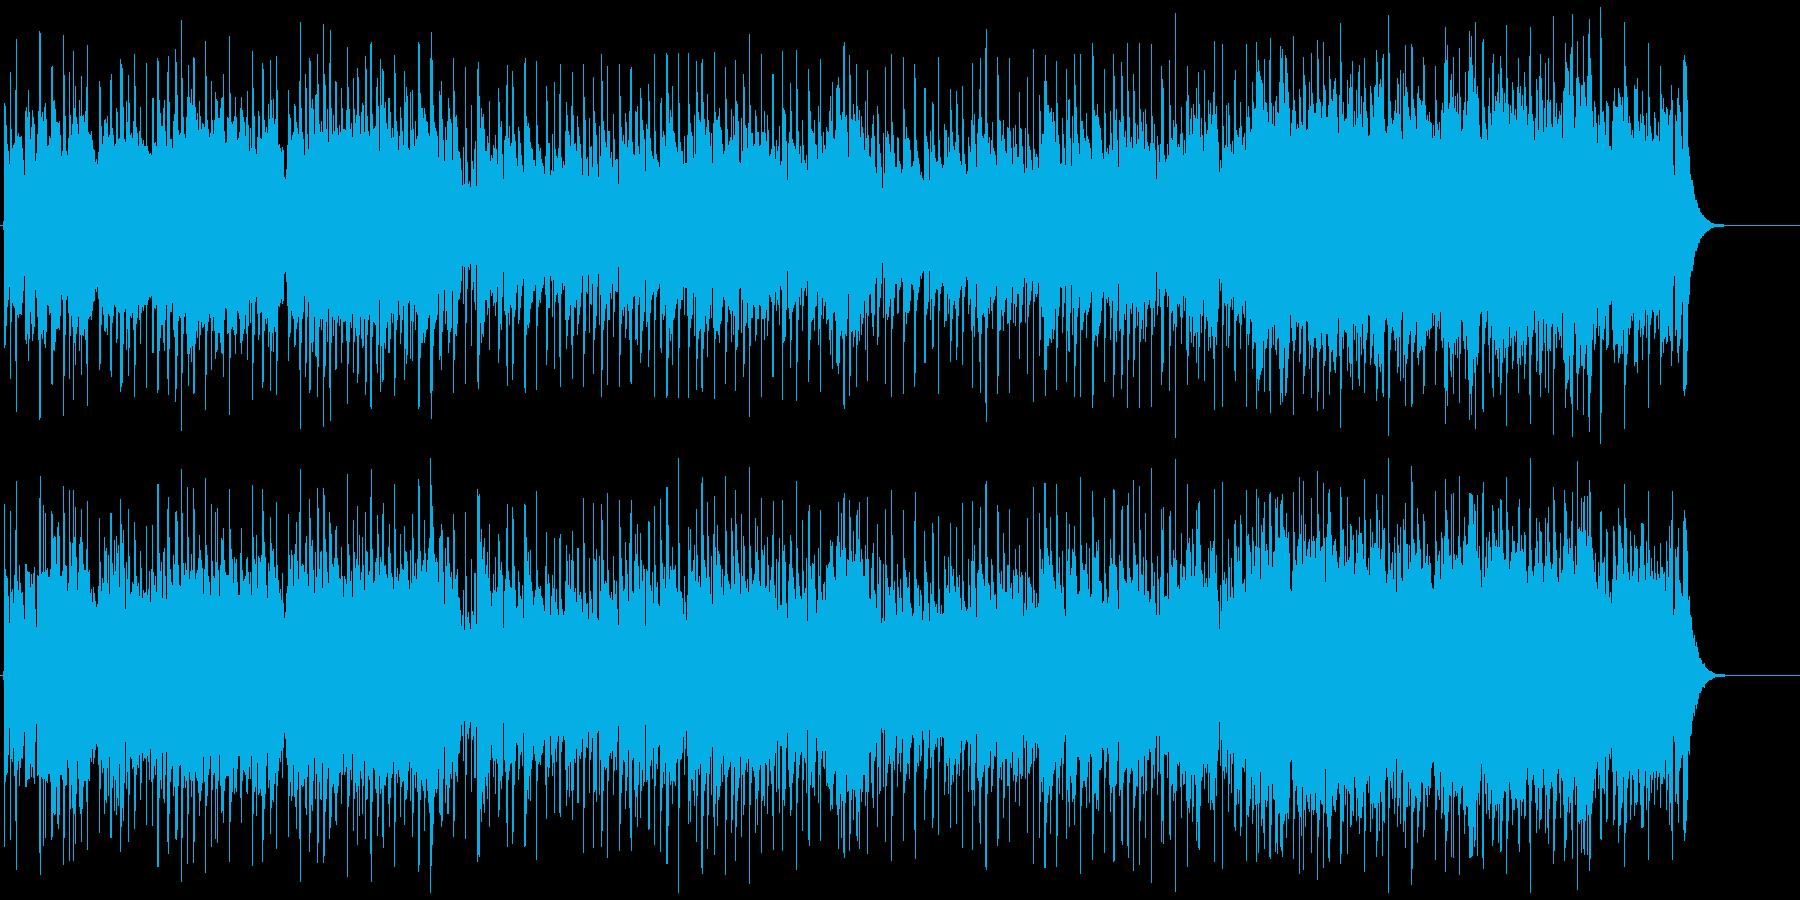 ポップで明るい気持ちになれるBGMの再生済みの波形